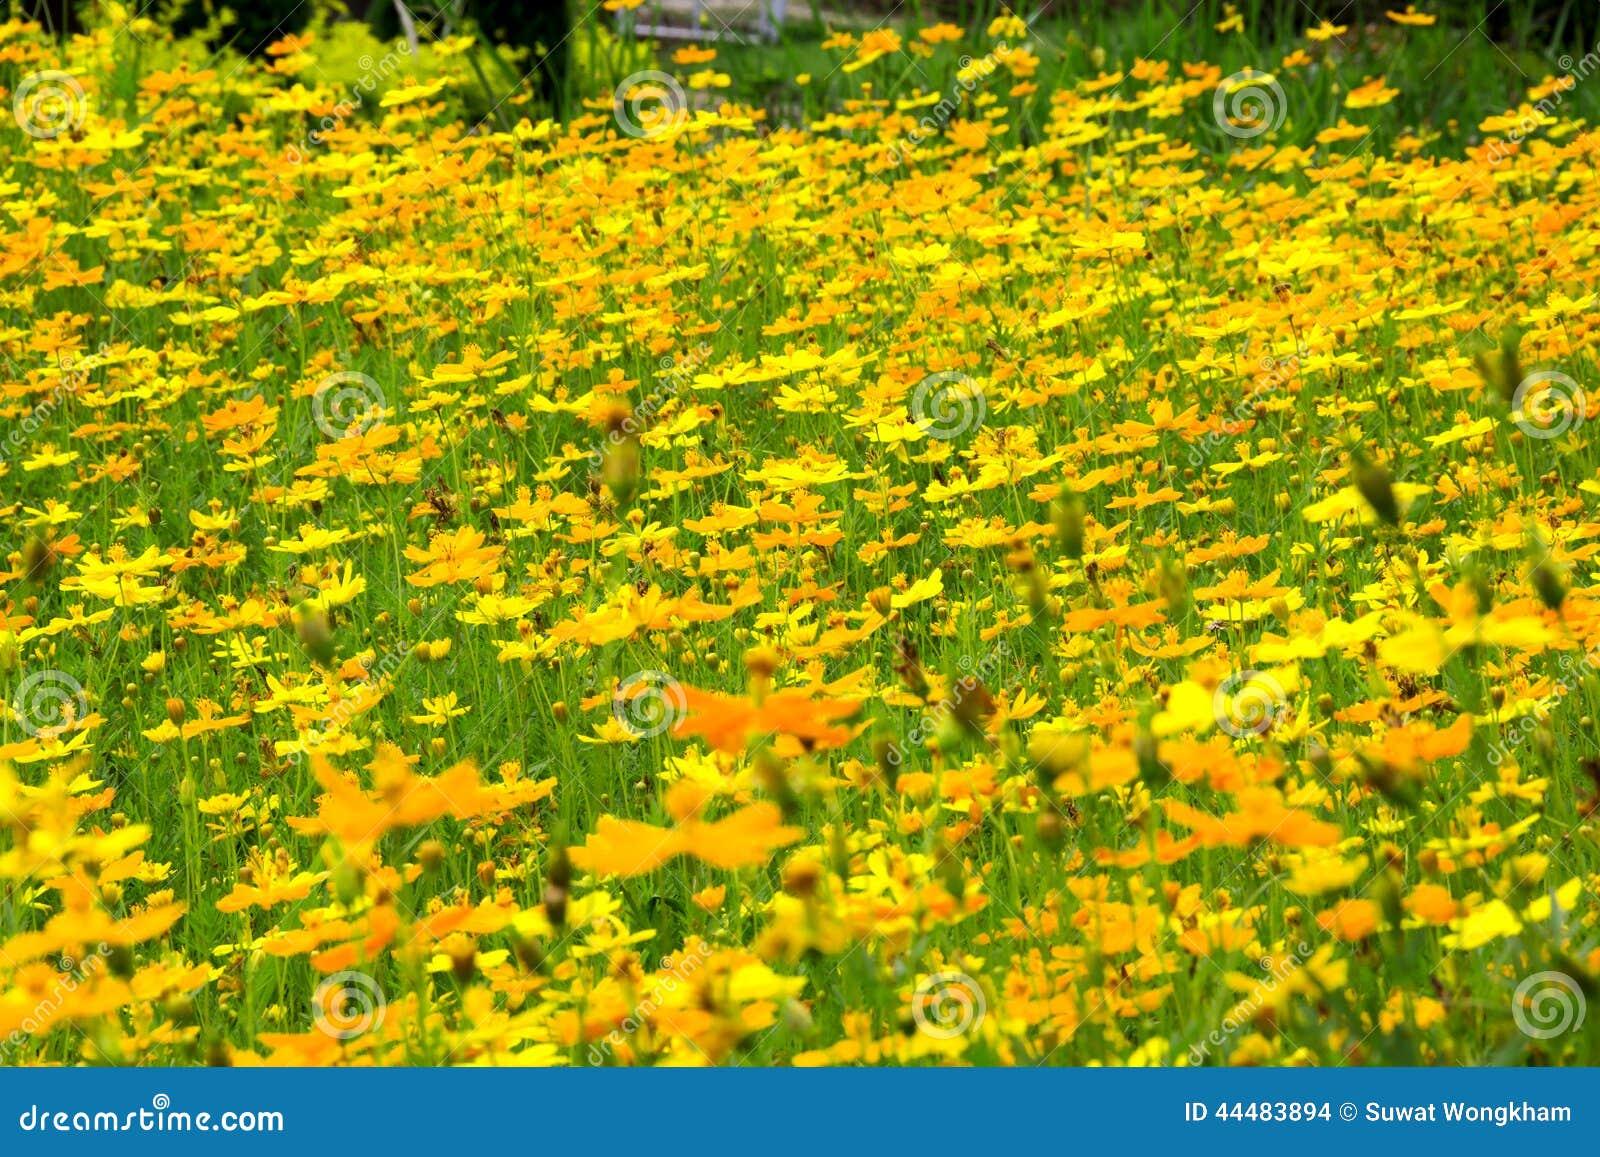 gelbe sommerblumen stockfoto bild von nadel blume fields 44483894. Black Bedroom Furniture Sets. Home Design Ideas